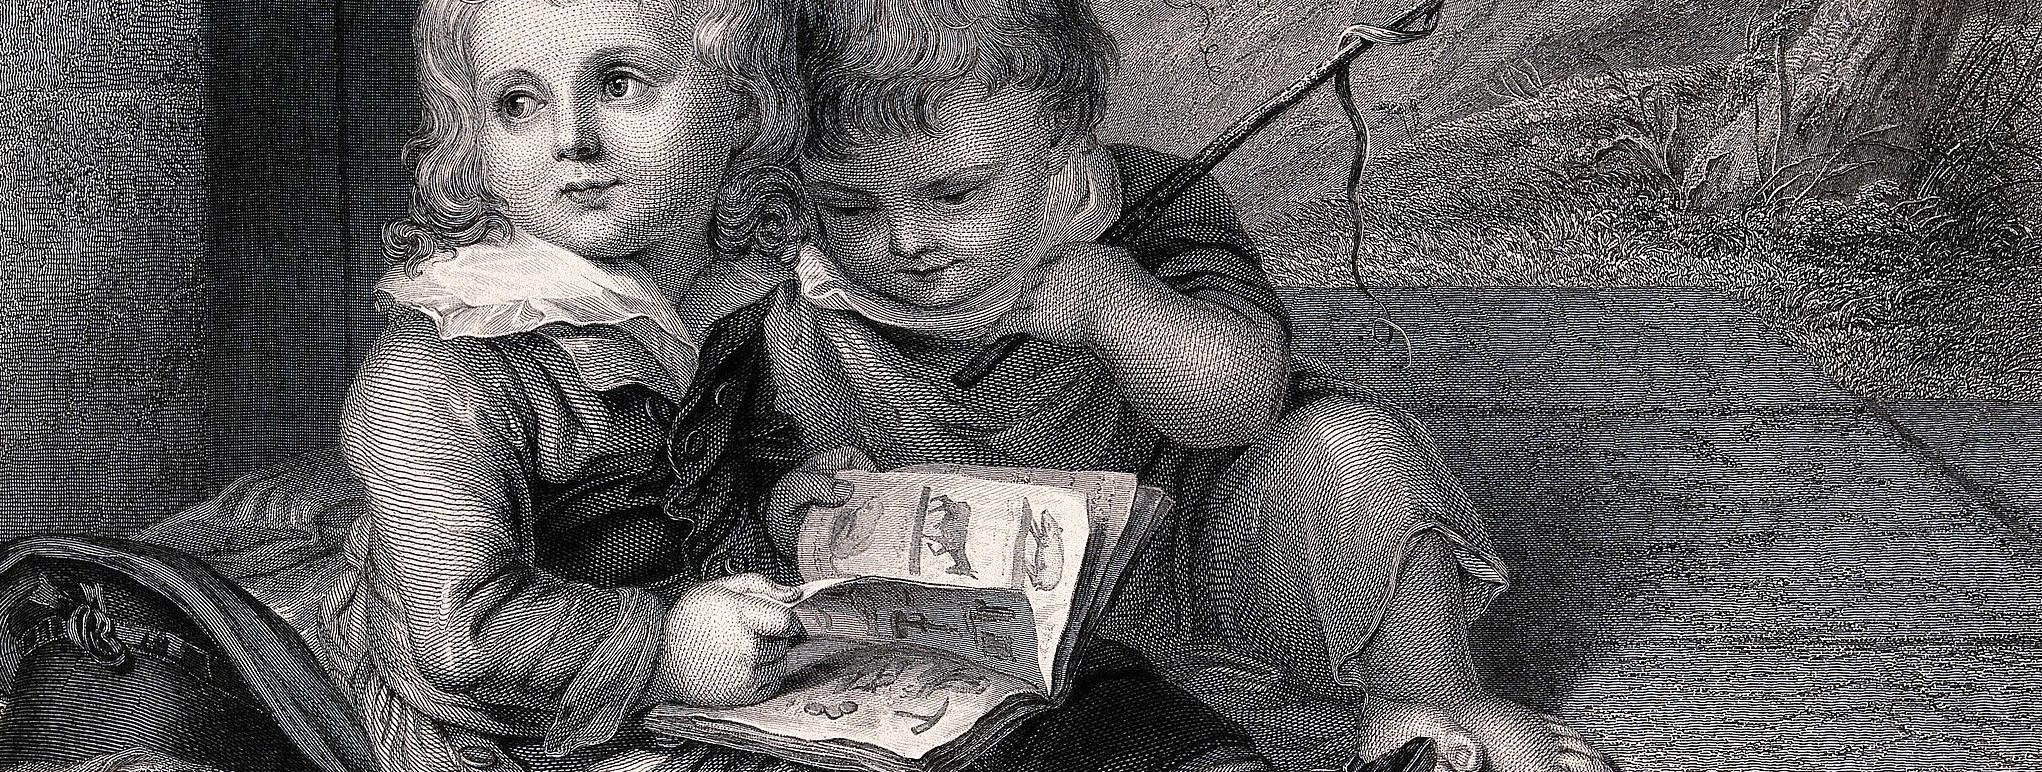 Due bambini, seduti per terra, leggono un libro illustrato sugli animali, xilografia